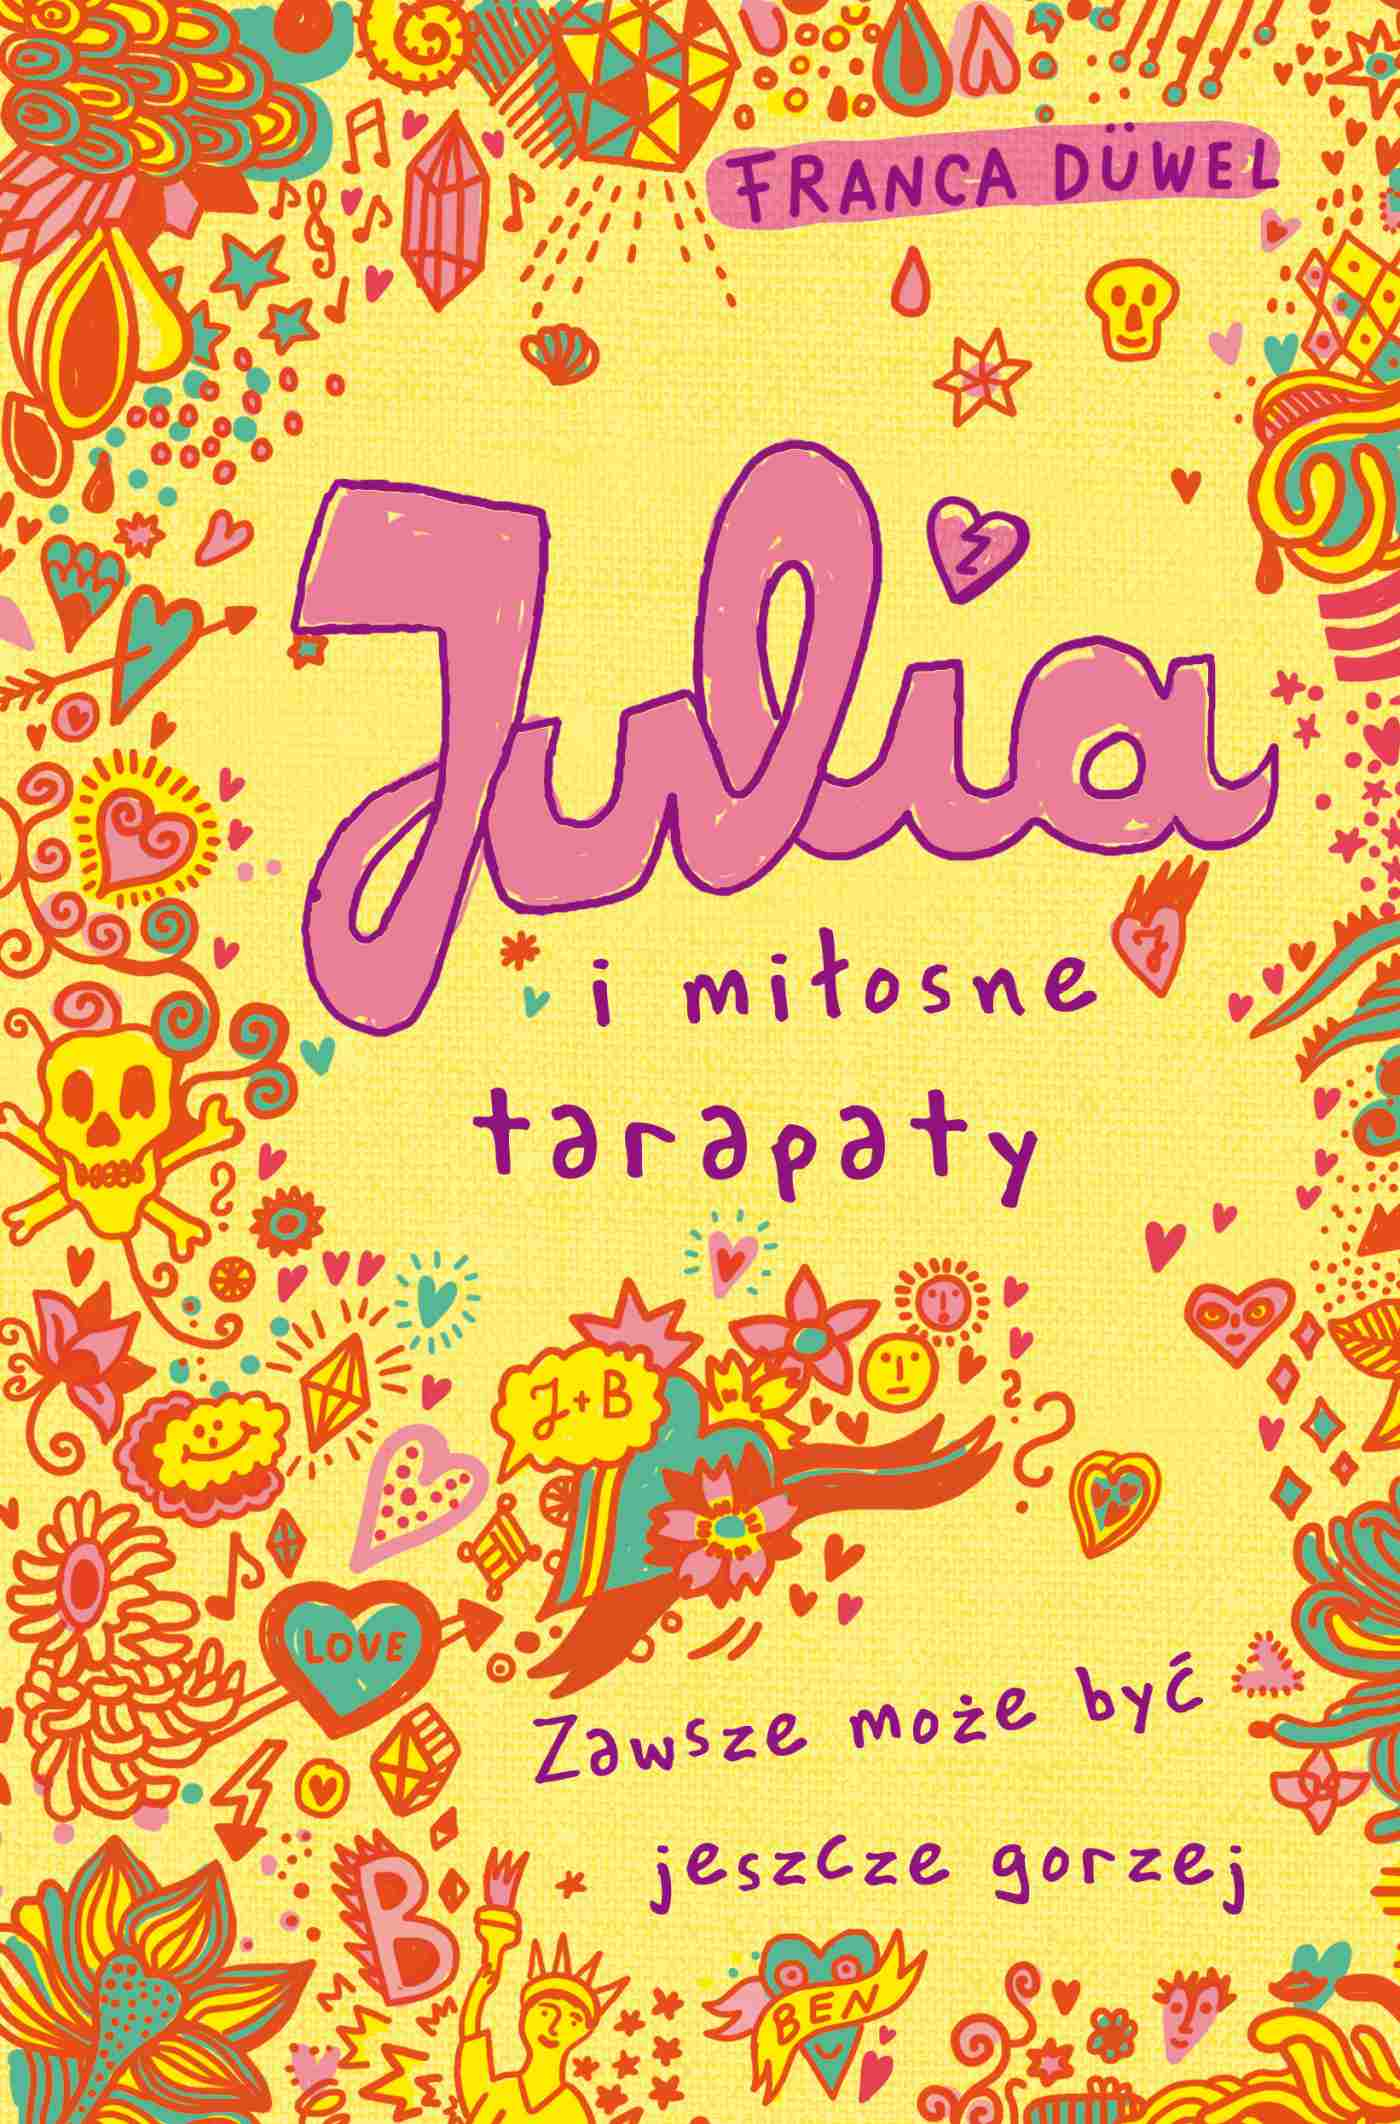 Julia i miłosne tarapaty - Ebook (Książka na Kindle) do pobrania w formacie MOBI